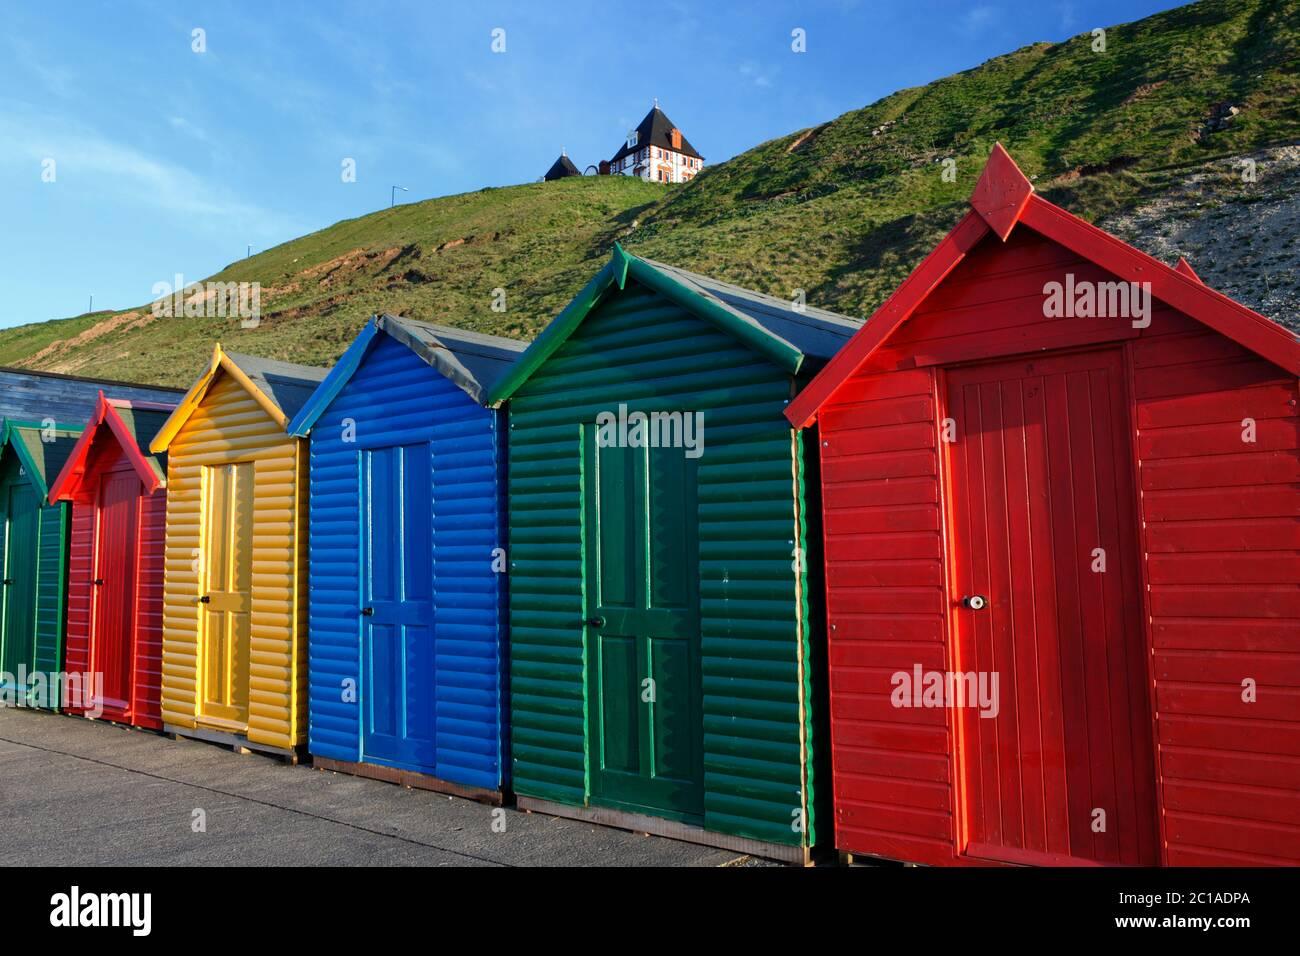 Coloridas cabañas de playa bajo el paseo marítimo del norte, Whitby, Yorkshire del Norte, Inglaterra, Reino Unido, Europa Foto de stock